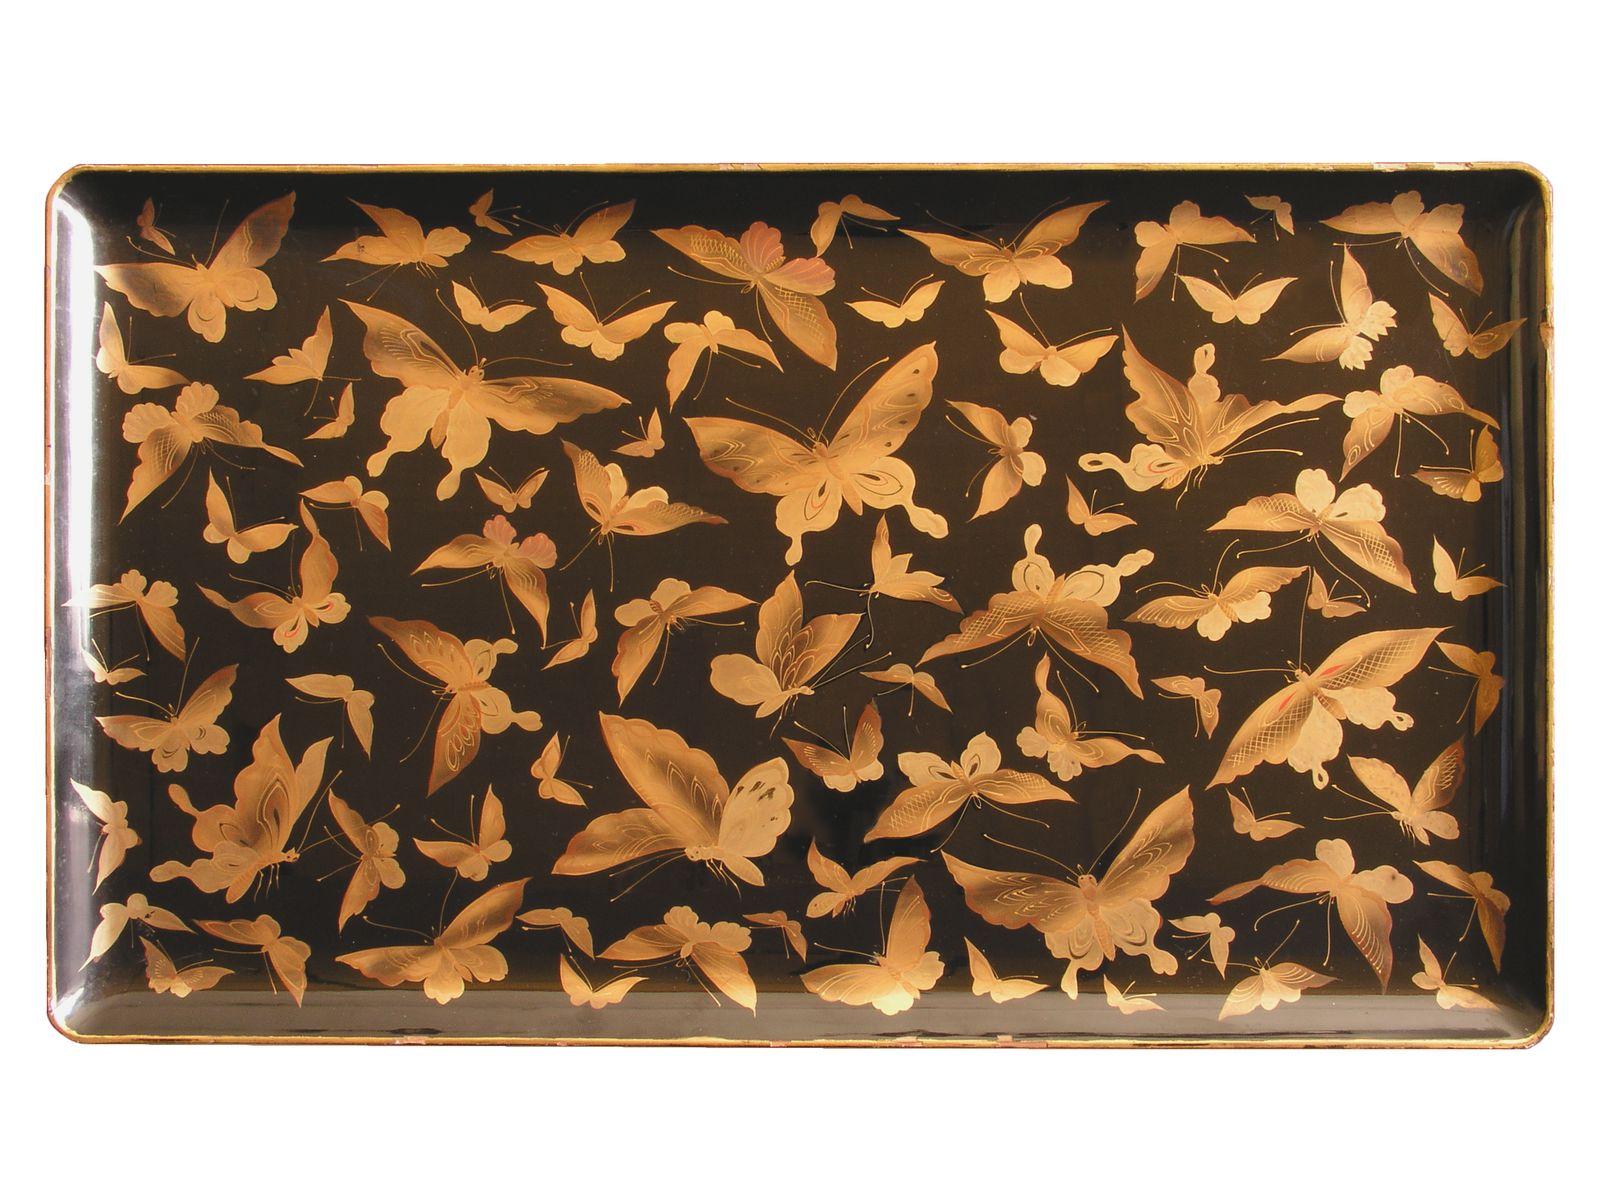 Taca zdobiona rojem złotych motyli, okres Meiji, XIX/XX w. laka czarna, dekoracja złotym proszkiem, w technice maki-e Muzeum Narodowe w Warszawie dar Juliusza Blocka, 1935 (źródło: materiały prasowe)